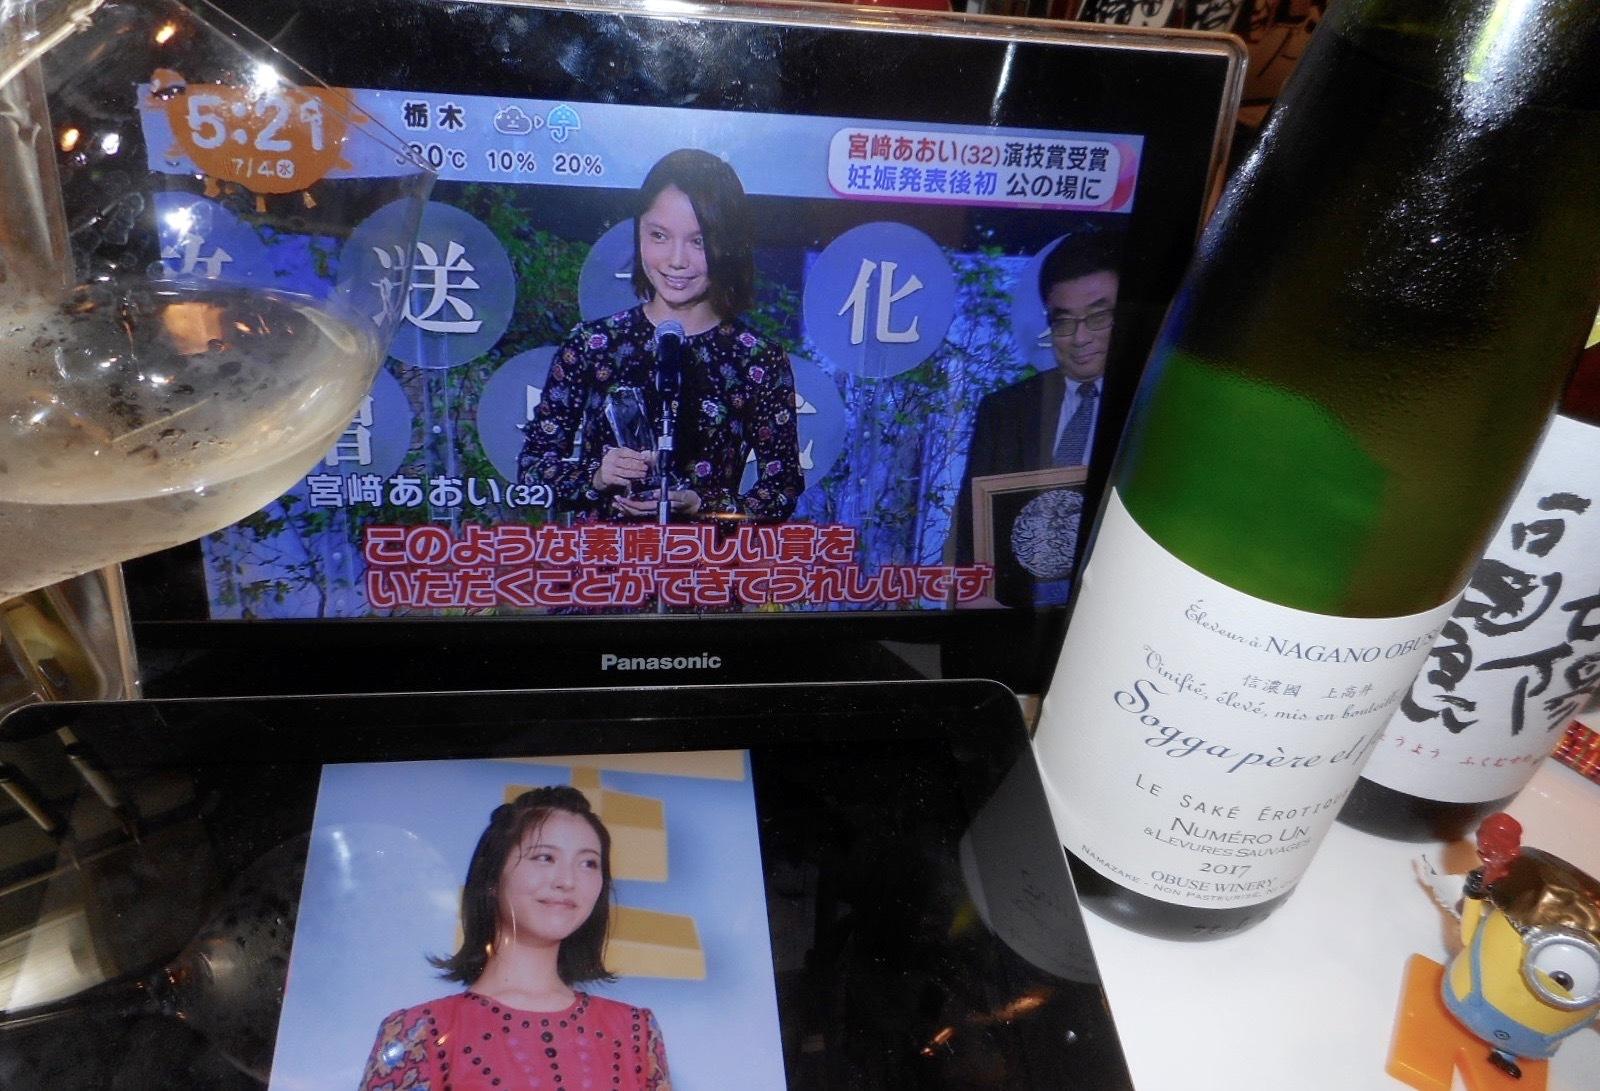 浜辺美波最強論vs宮崎あおい1